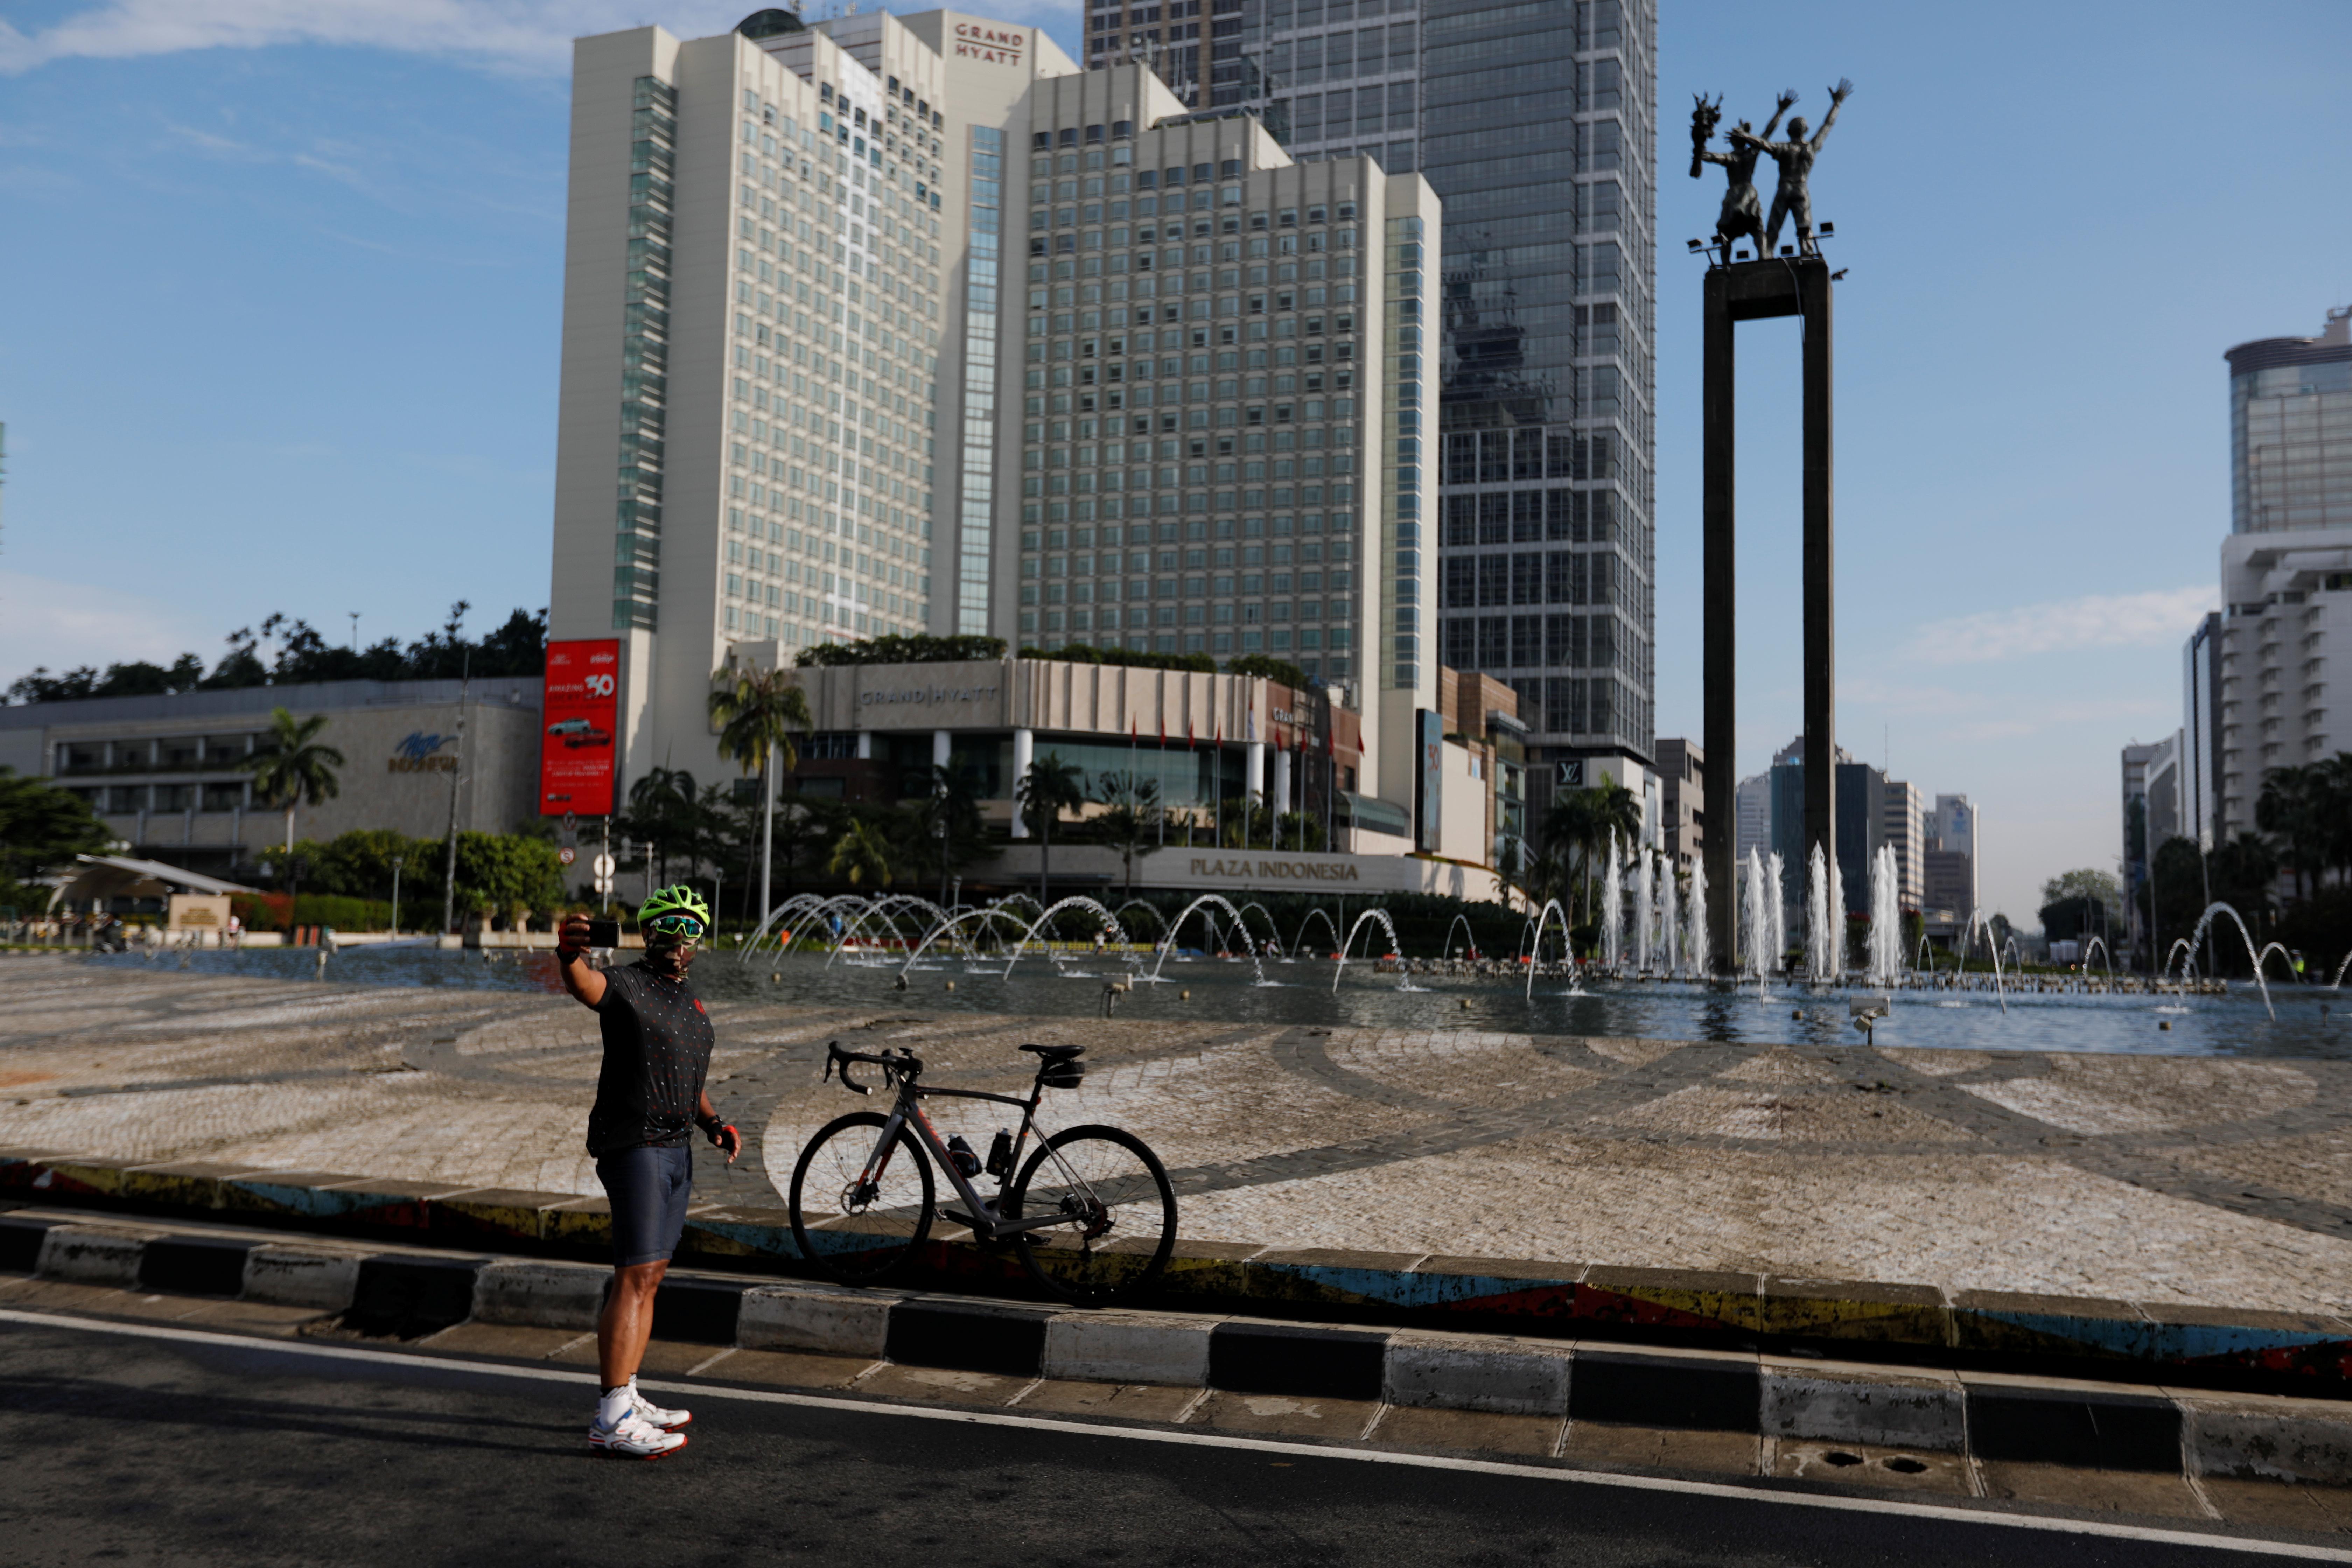 Una ciclista se toma una selfie frente a una fuente de aguas danzantes en Jakarta, Indonesia (REUTERS/Willy Kurniawan)